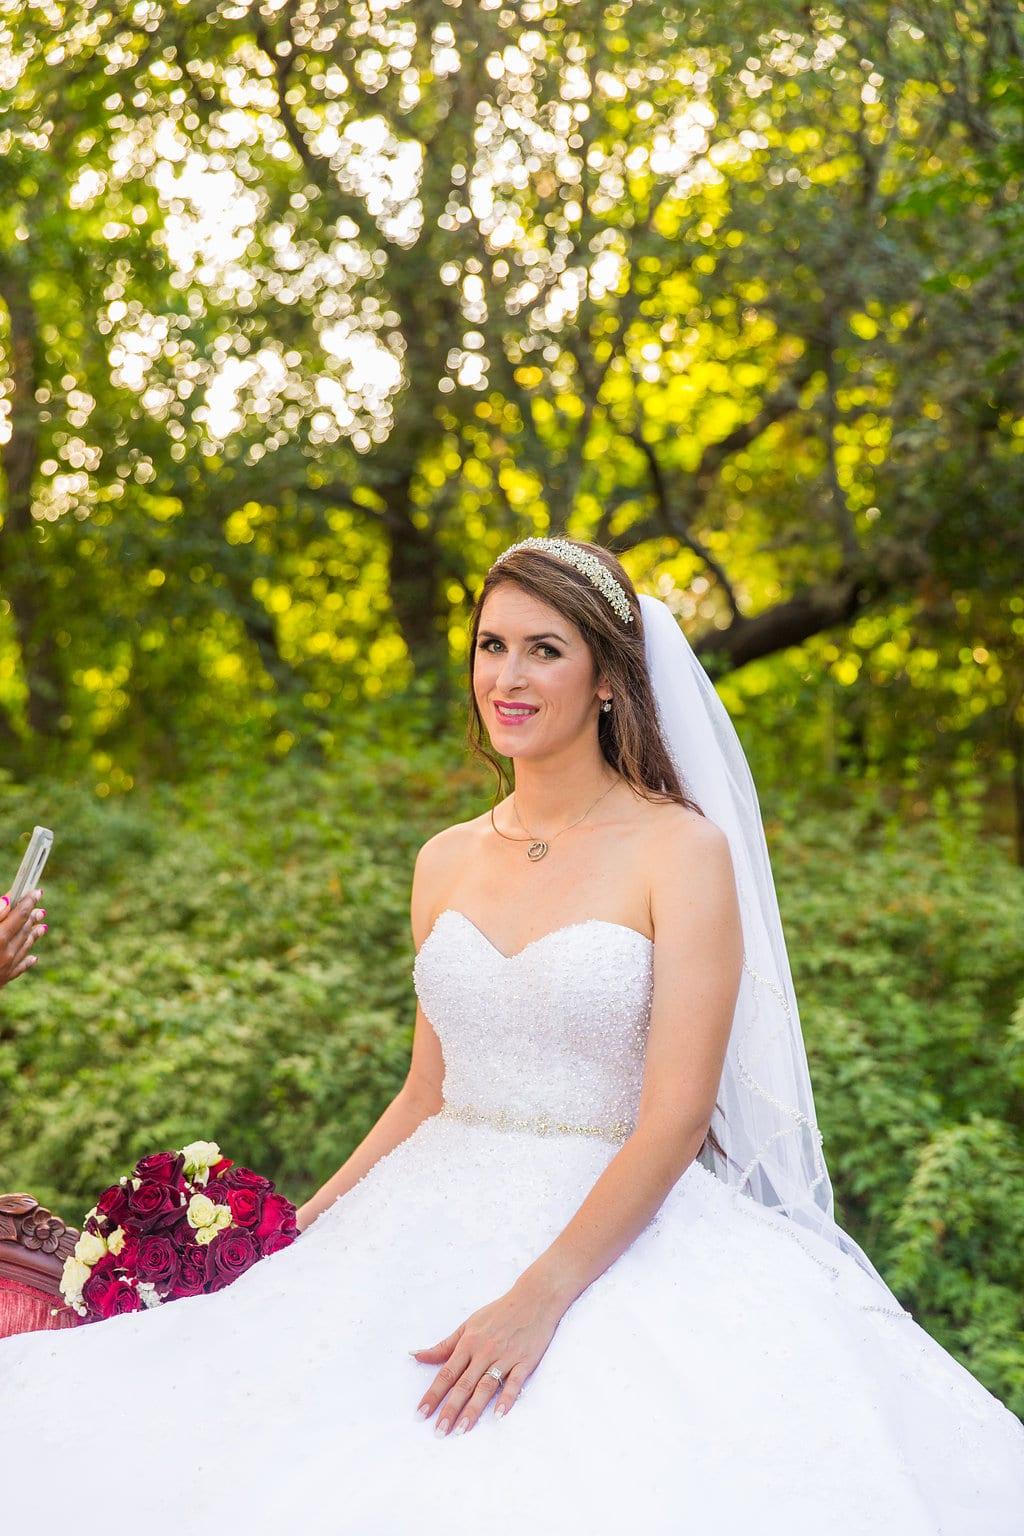 Laura's bridal at Landa Library on top of sofa